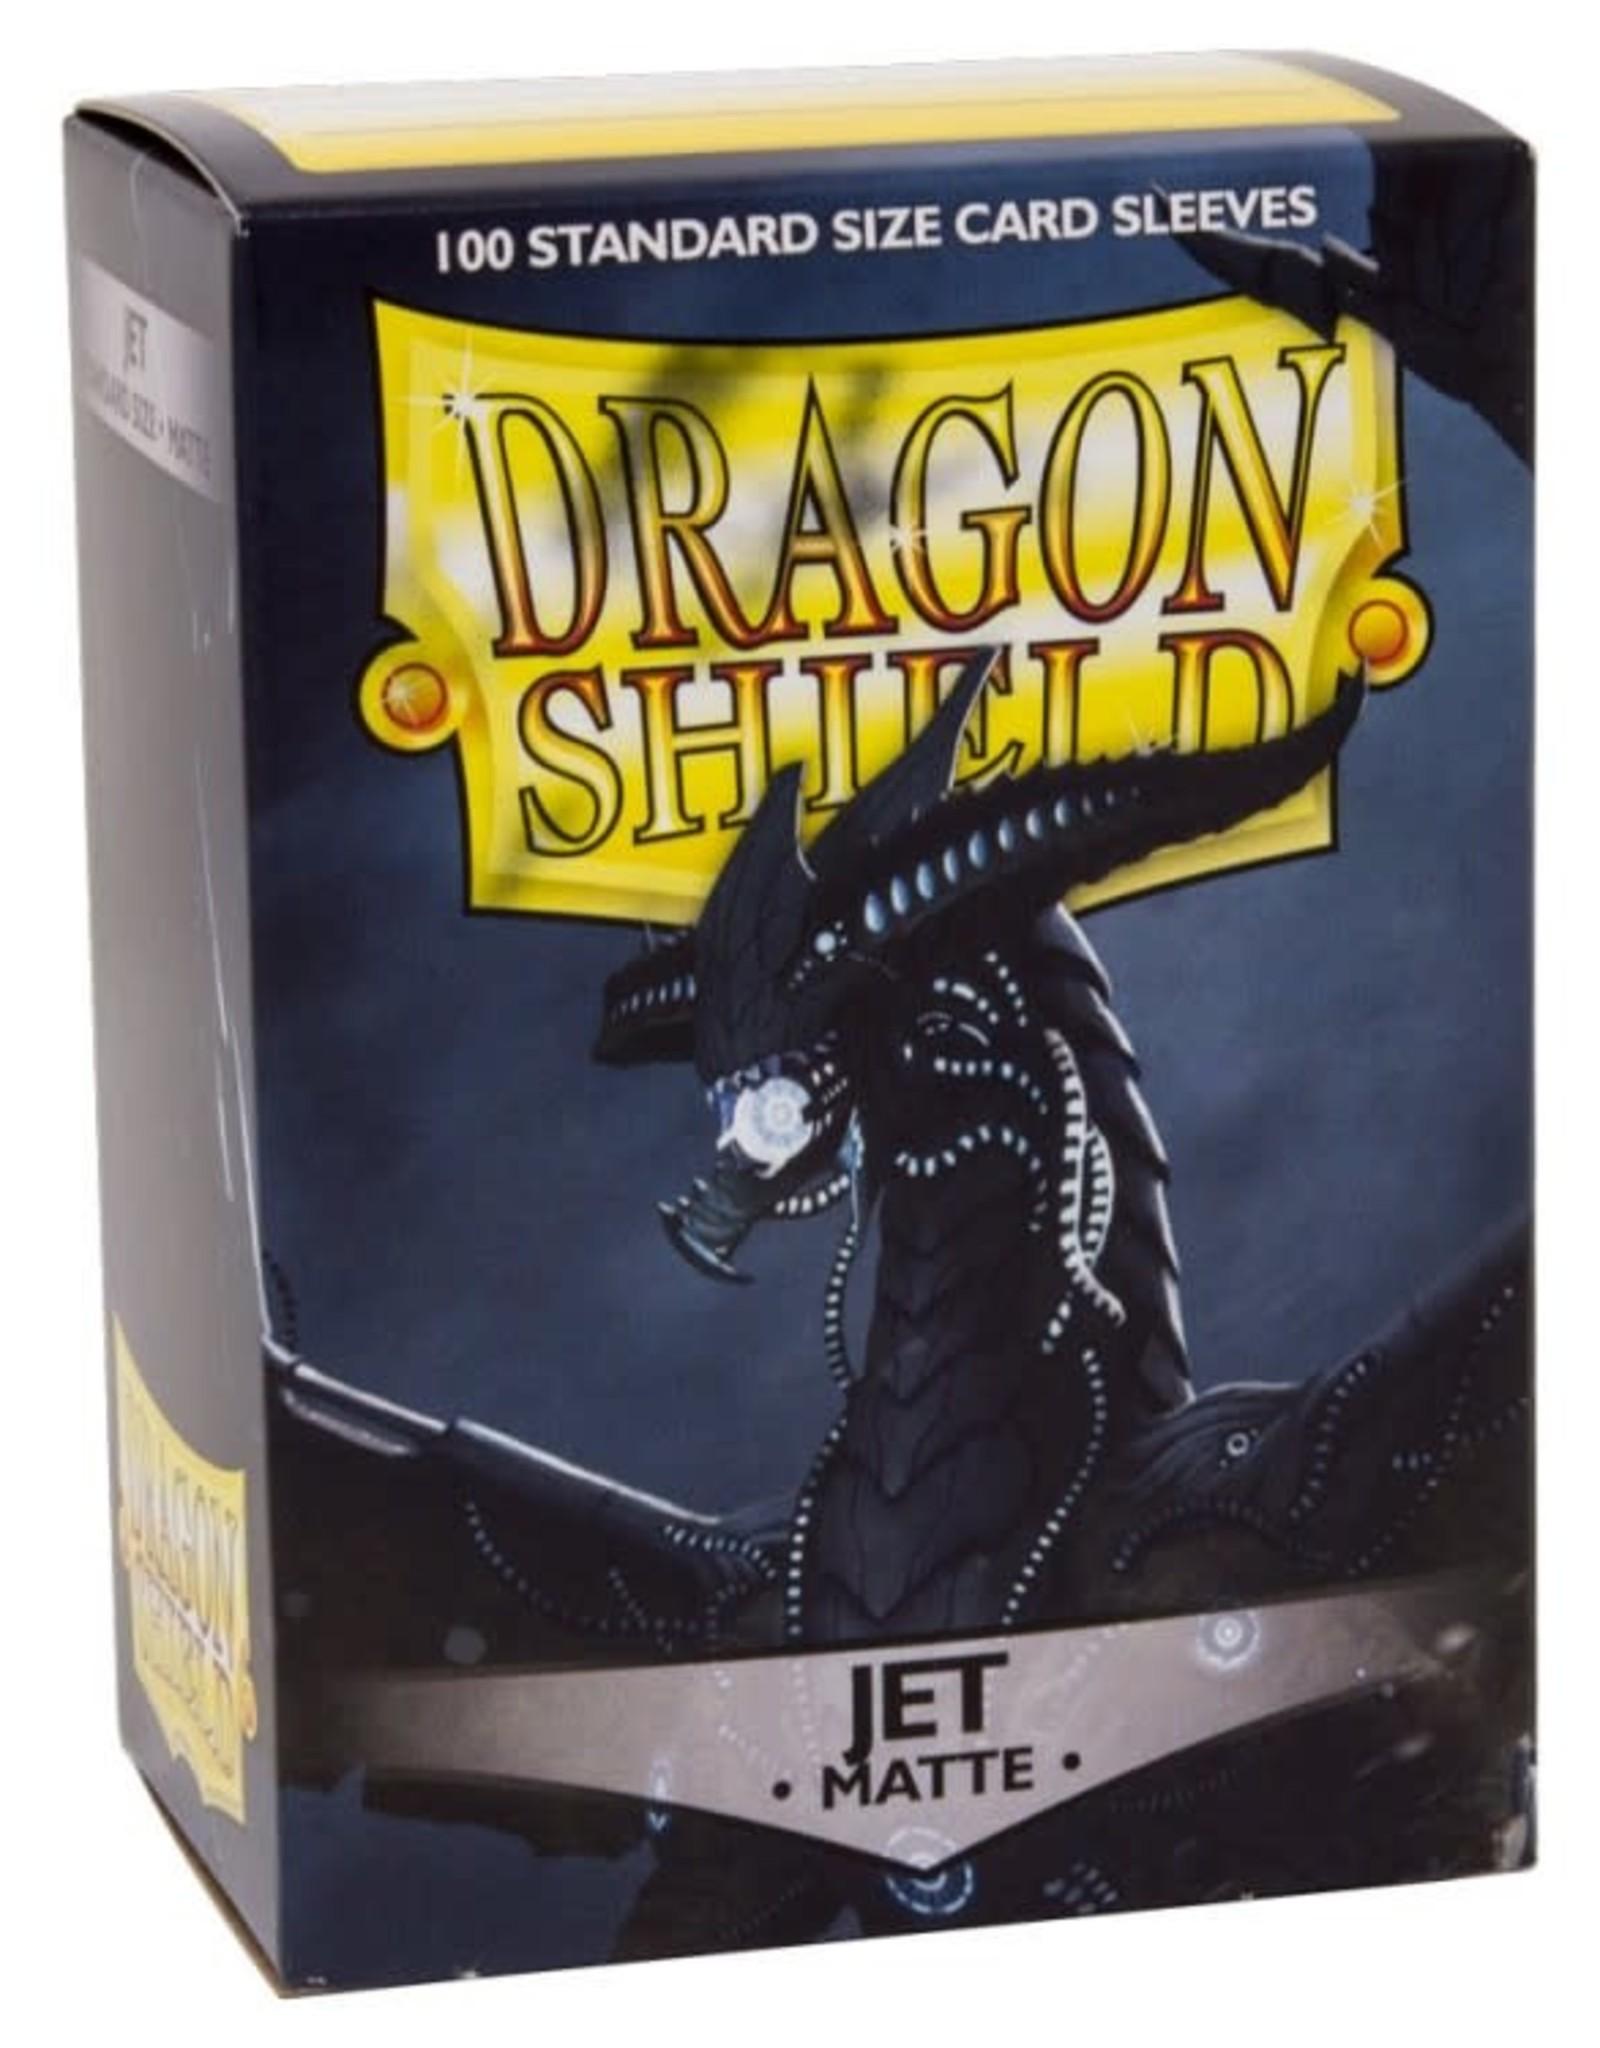 Dragon Shields (100) Matte Jet